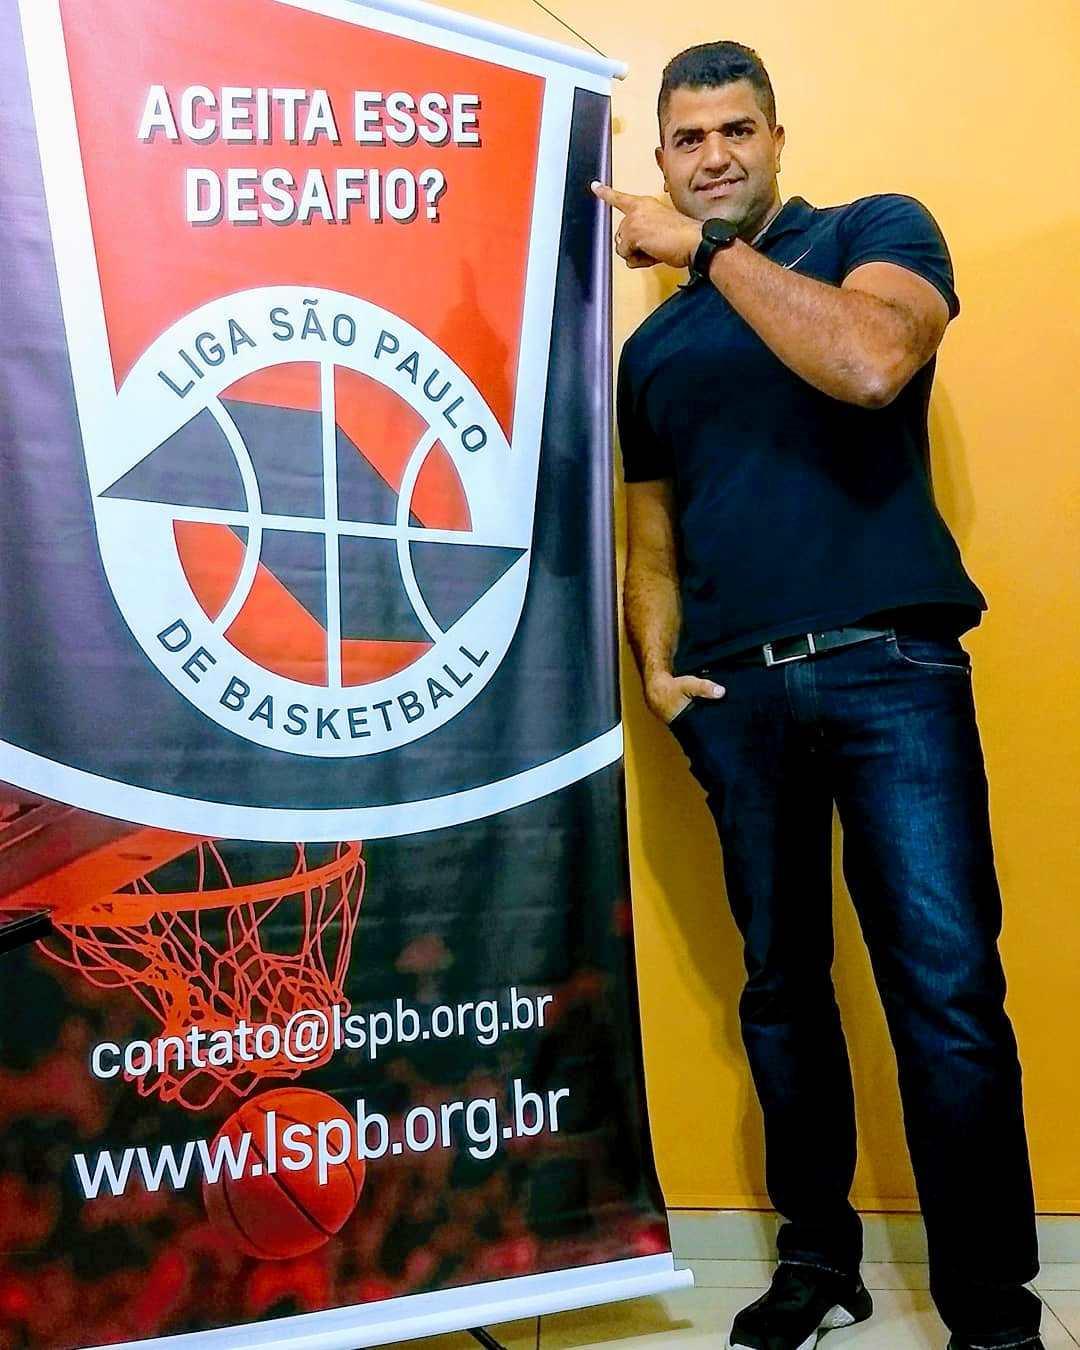 Inscrições abertas para o campeonato da Liga São Paulo de Basketball